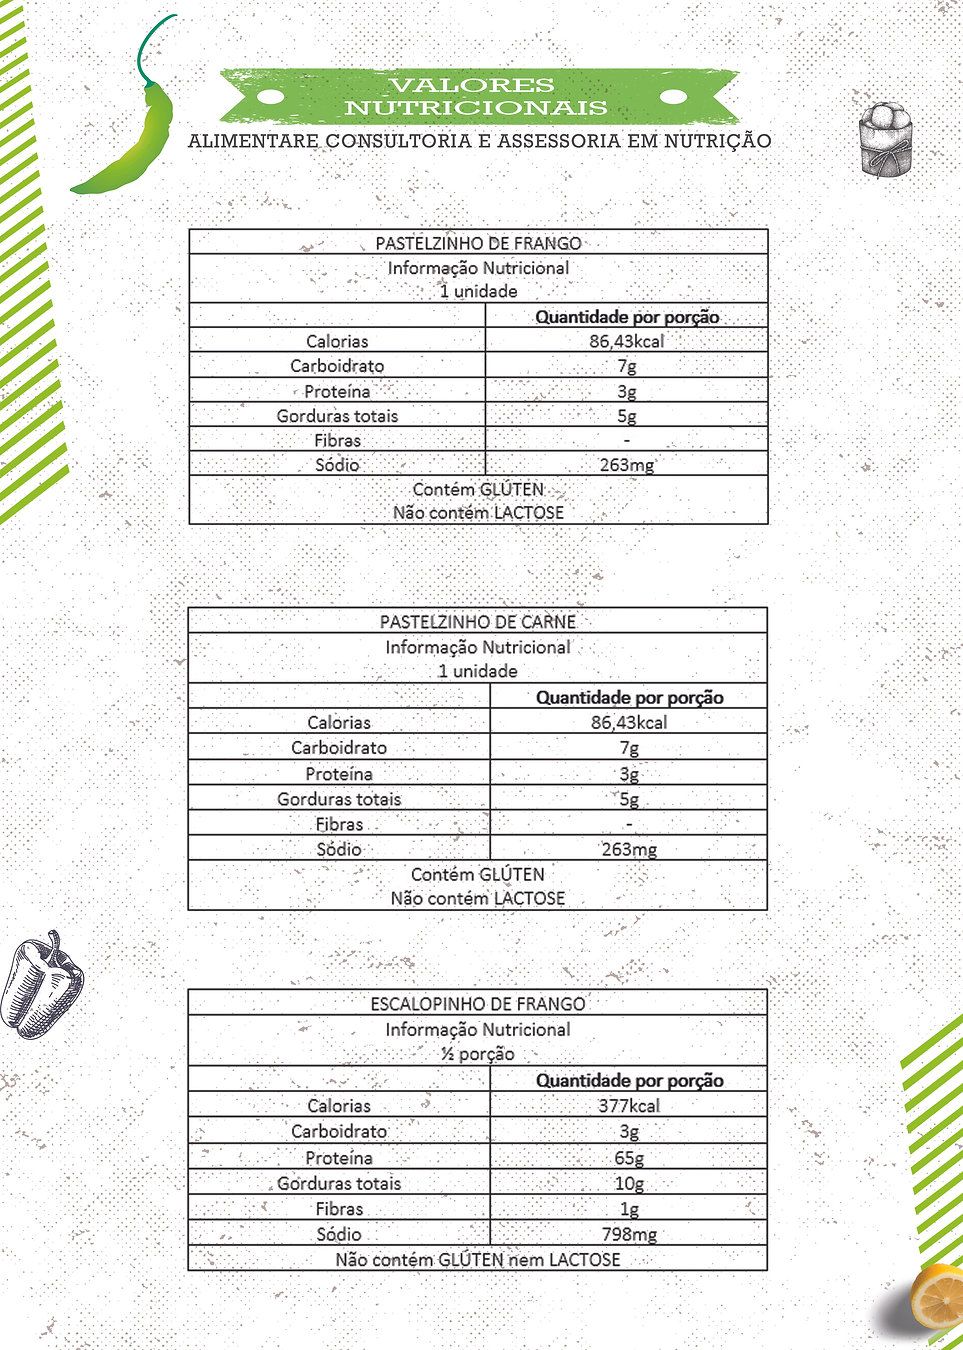 VALORES NUTRICIONAIS PAG 16.jpg